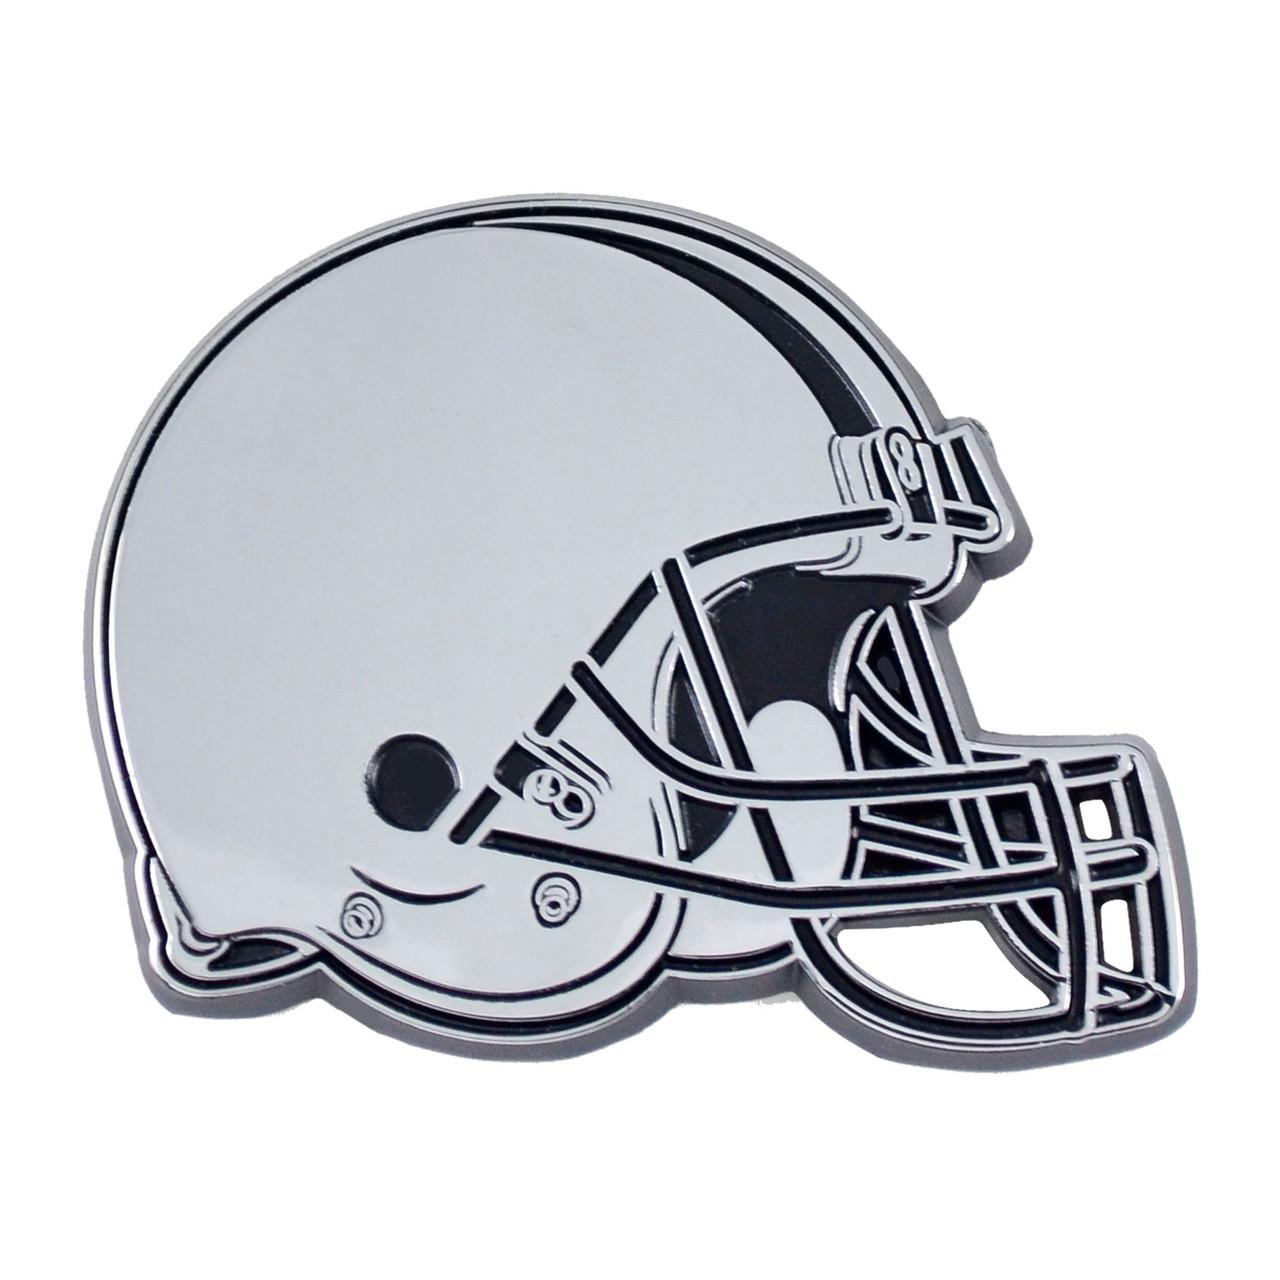 Cleveland Browns Auto Emblem Premium Metal Chrome